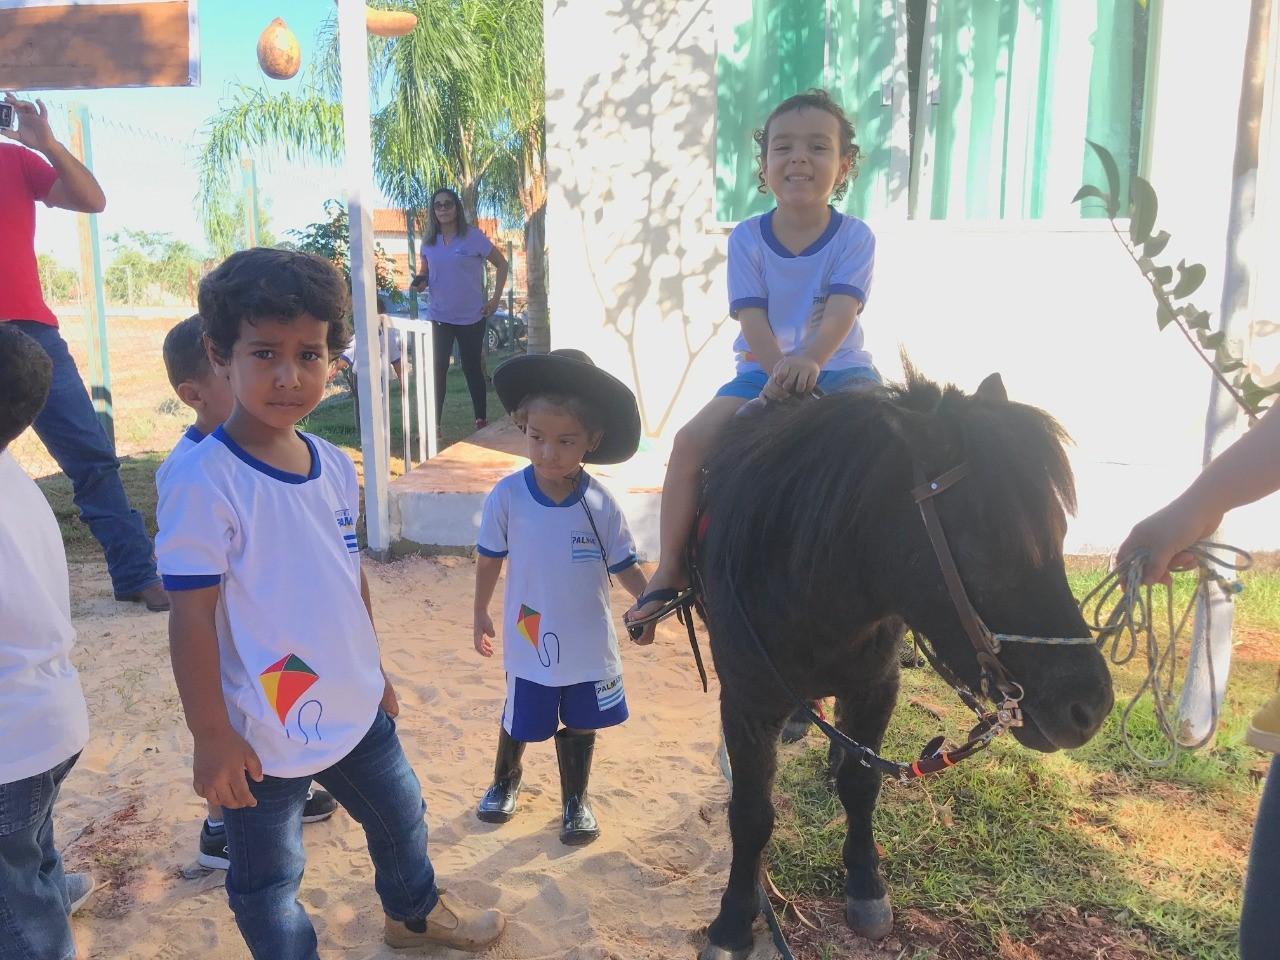 De pônei a vaquinha, Sítio dos Pequeninos recebeu mini visitantes nesta terça-feira,18